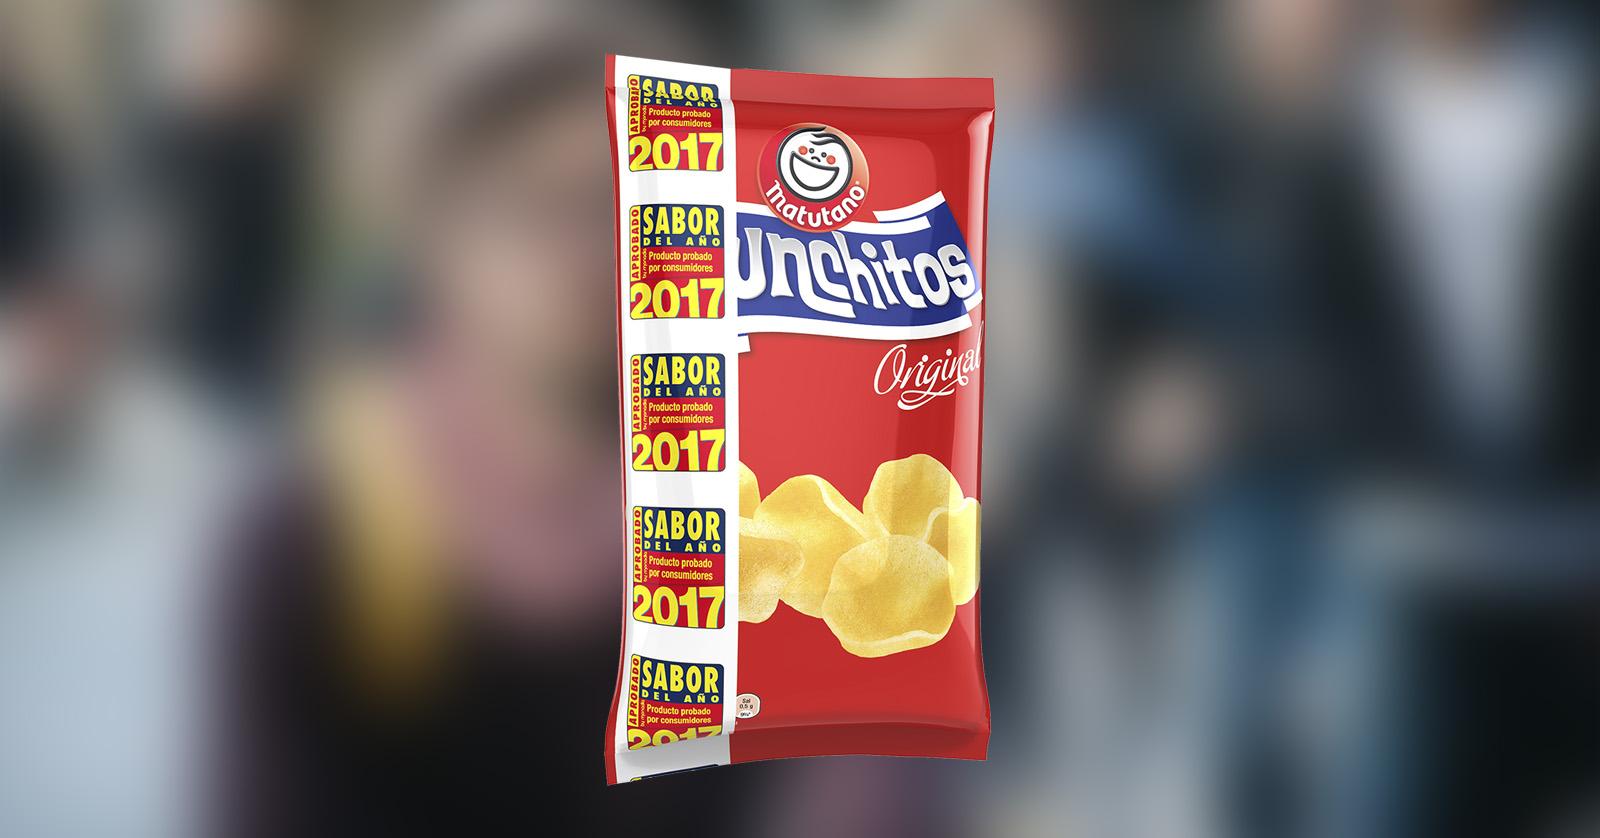 Munchitos Sabor del Año 2017, elegido por los consumidores